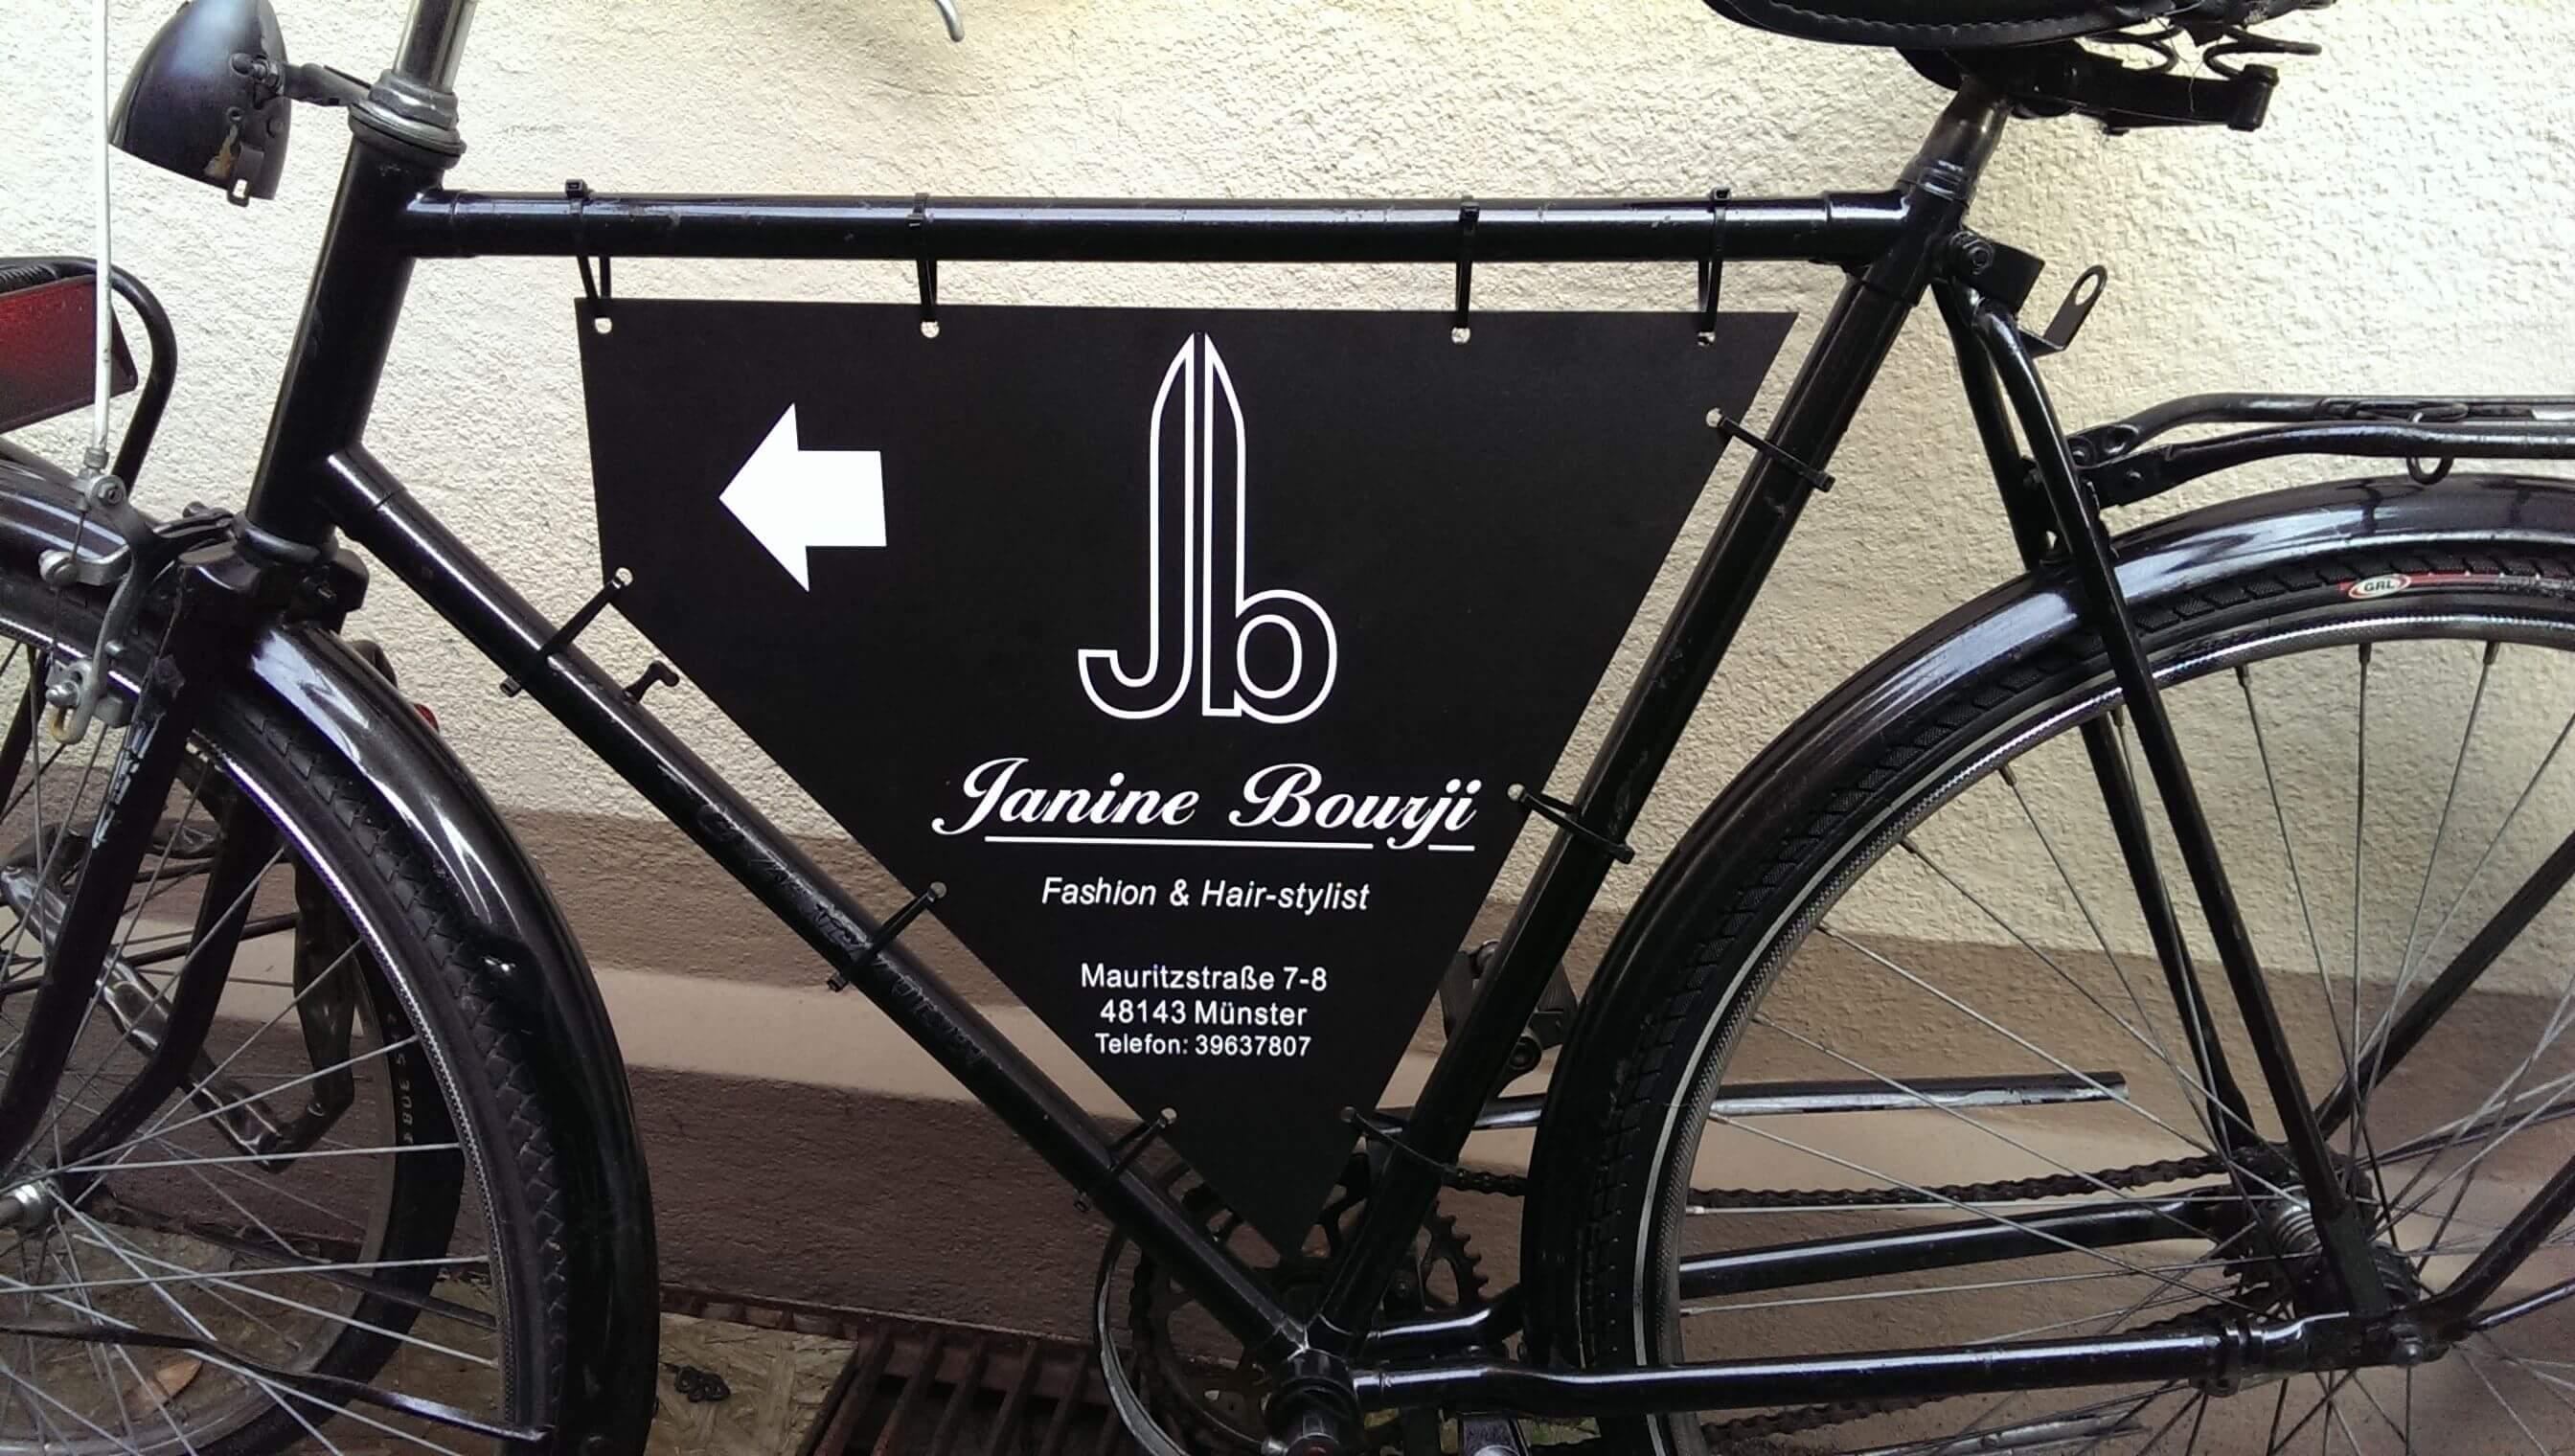 Werbung - Schild für Fahrrad